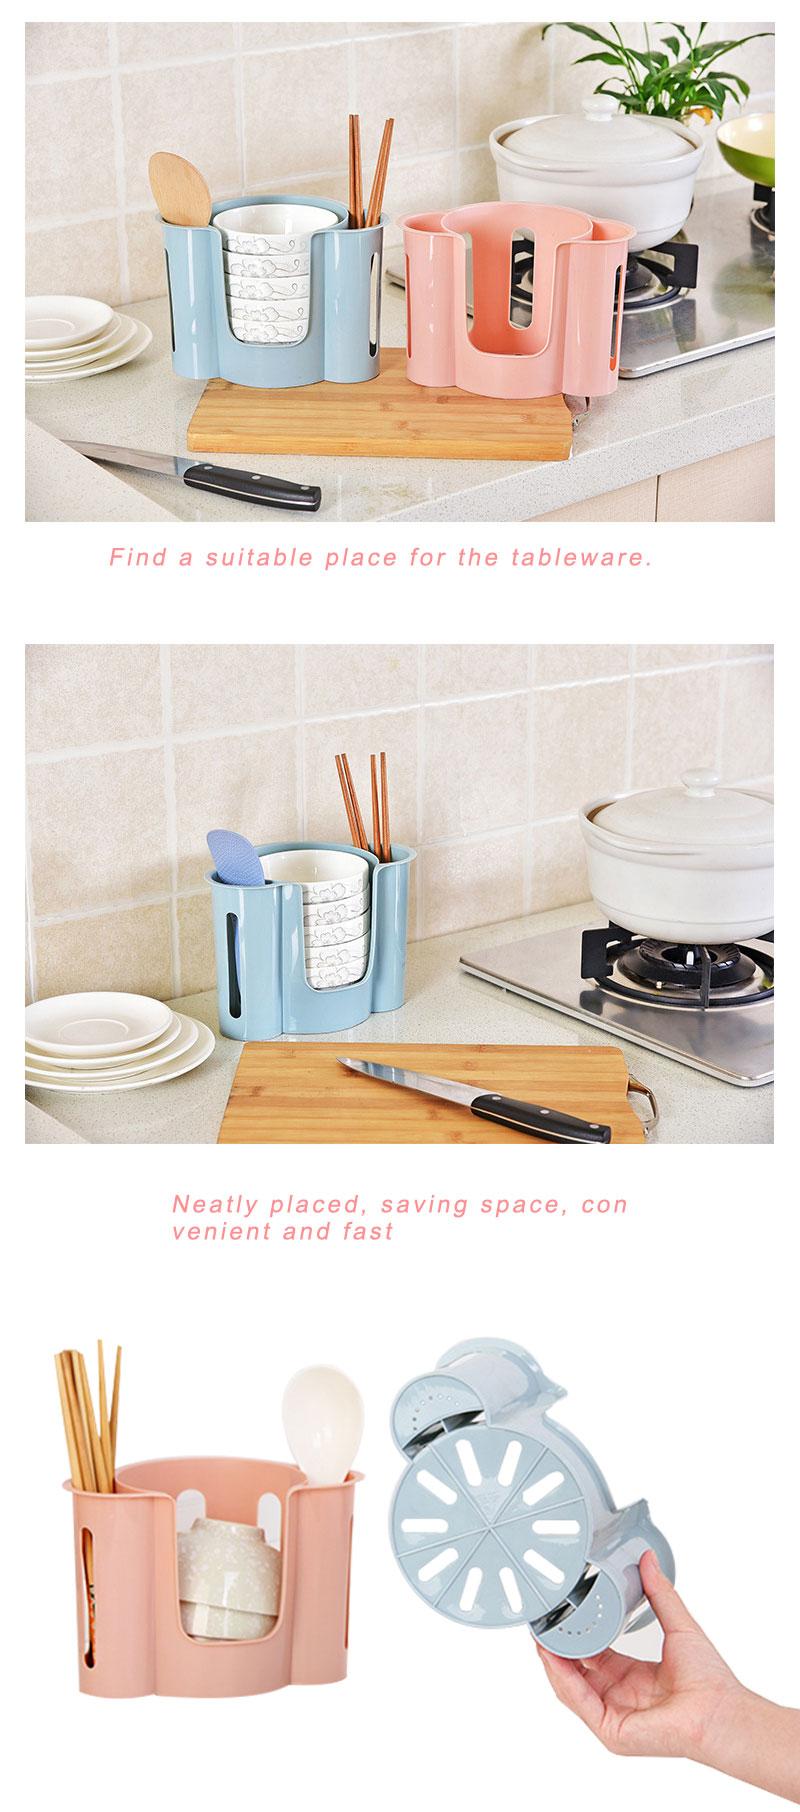 沥水架厨房用品餐具勺子置物架_02.jpg